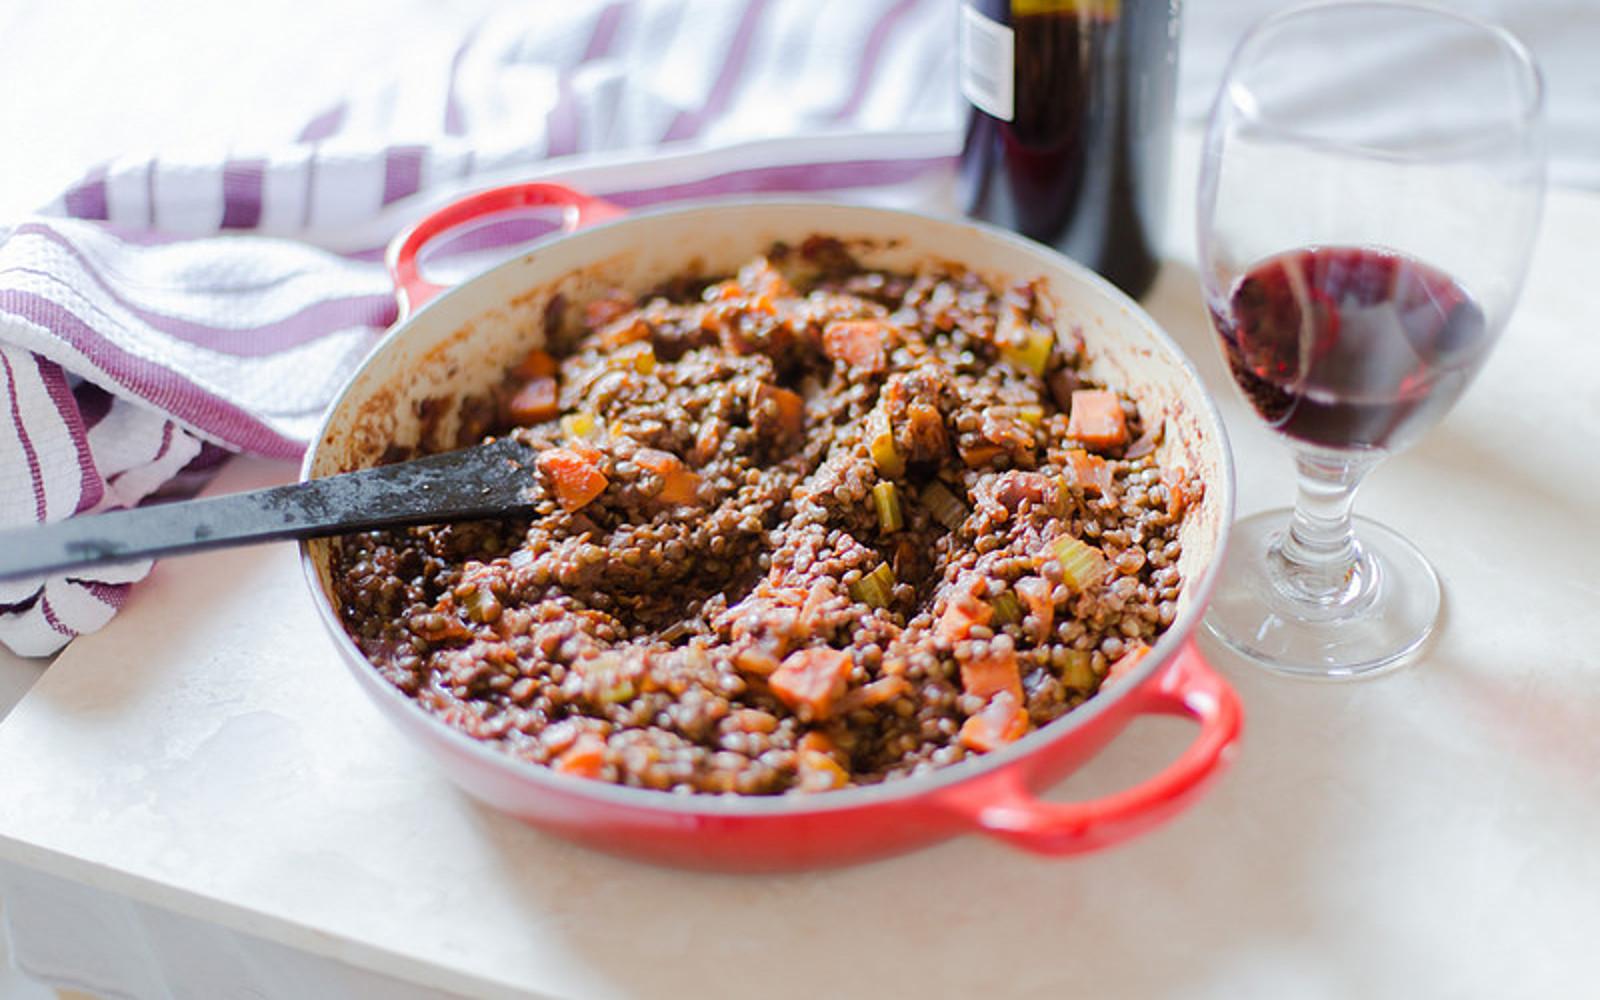 Wine-Glazed Vegetables and Lentils